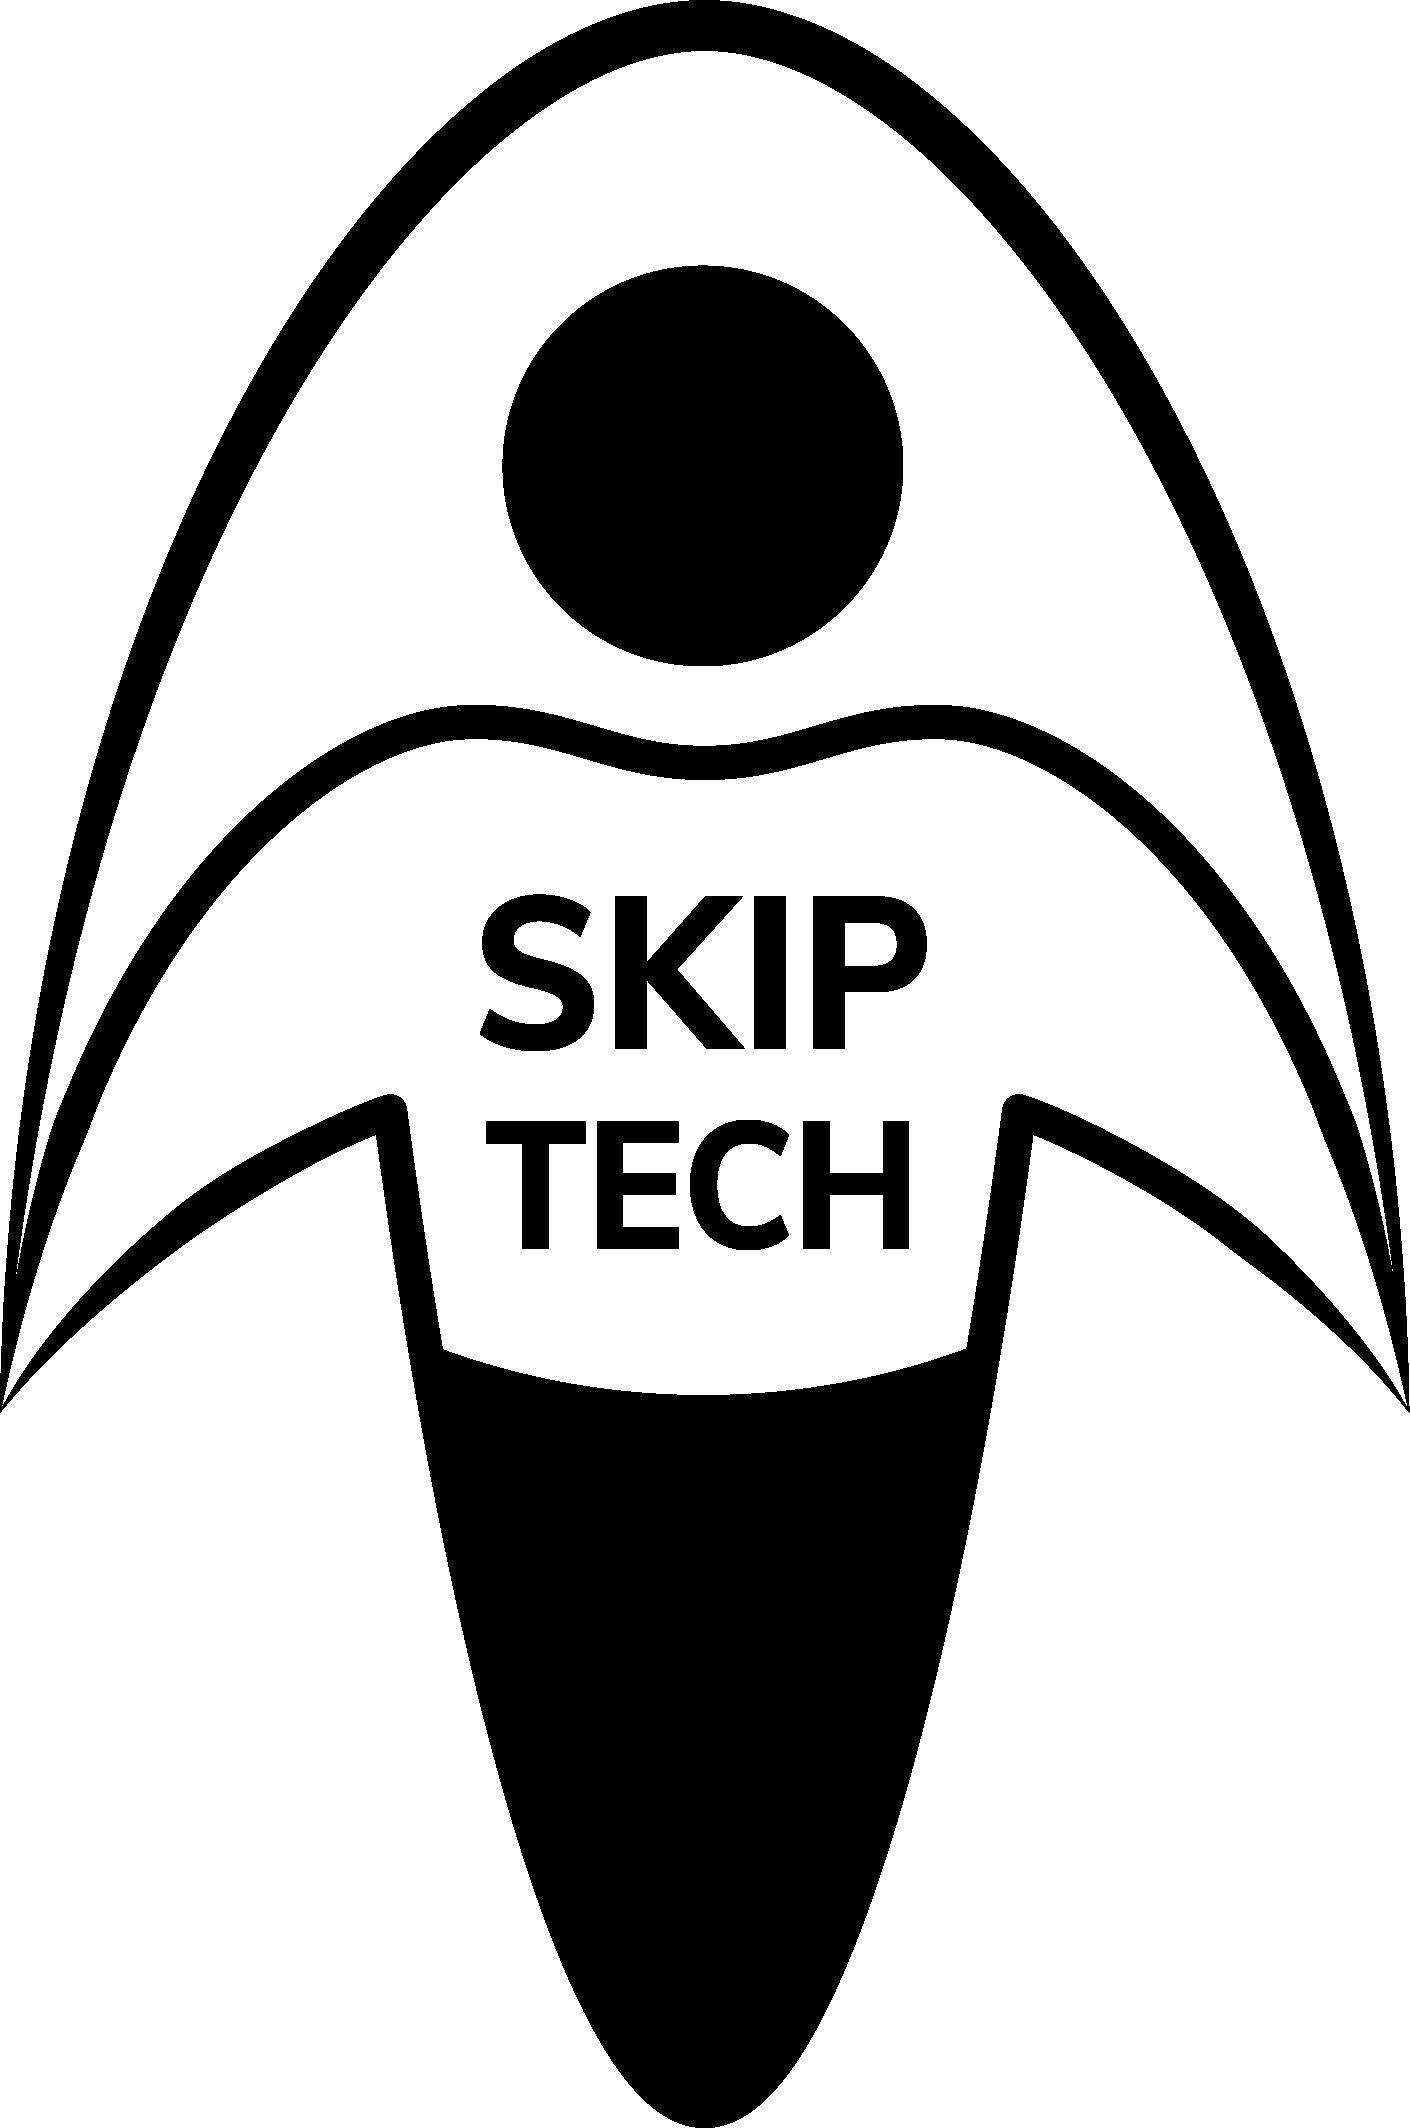 Skiptech